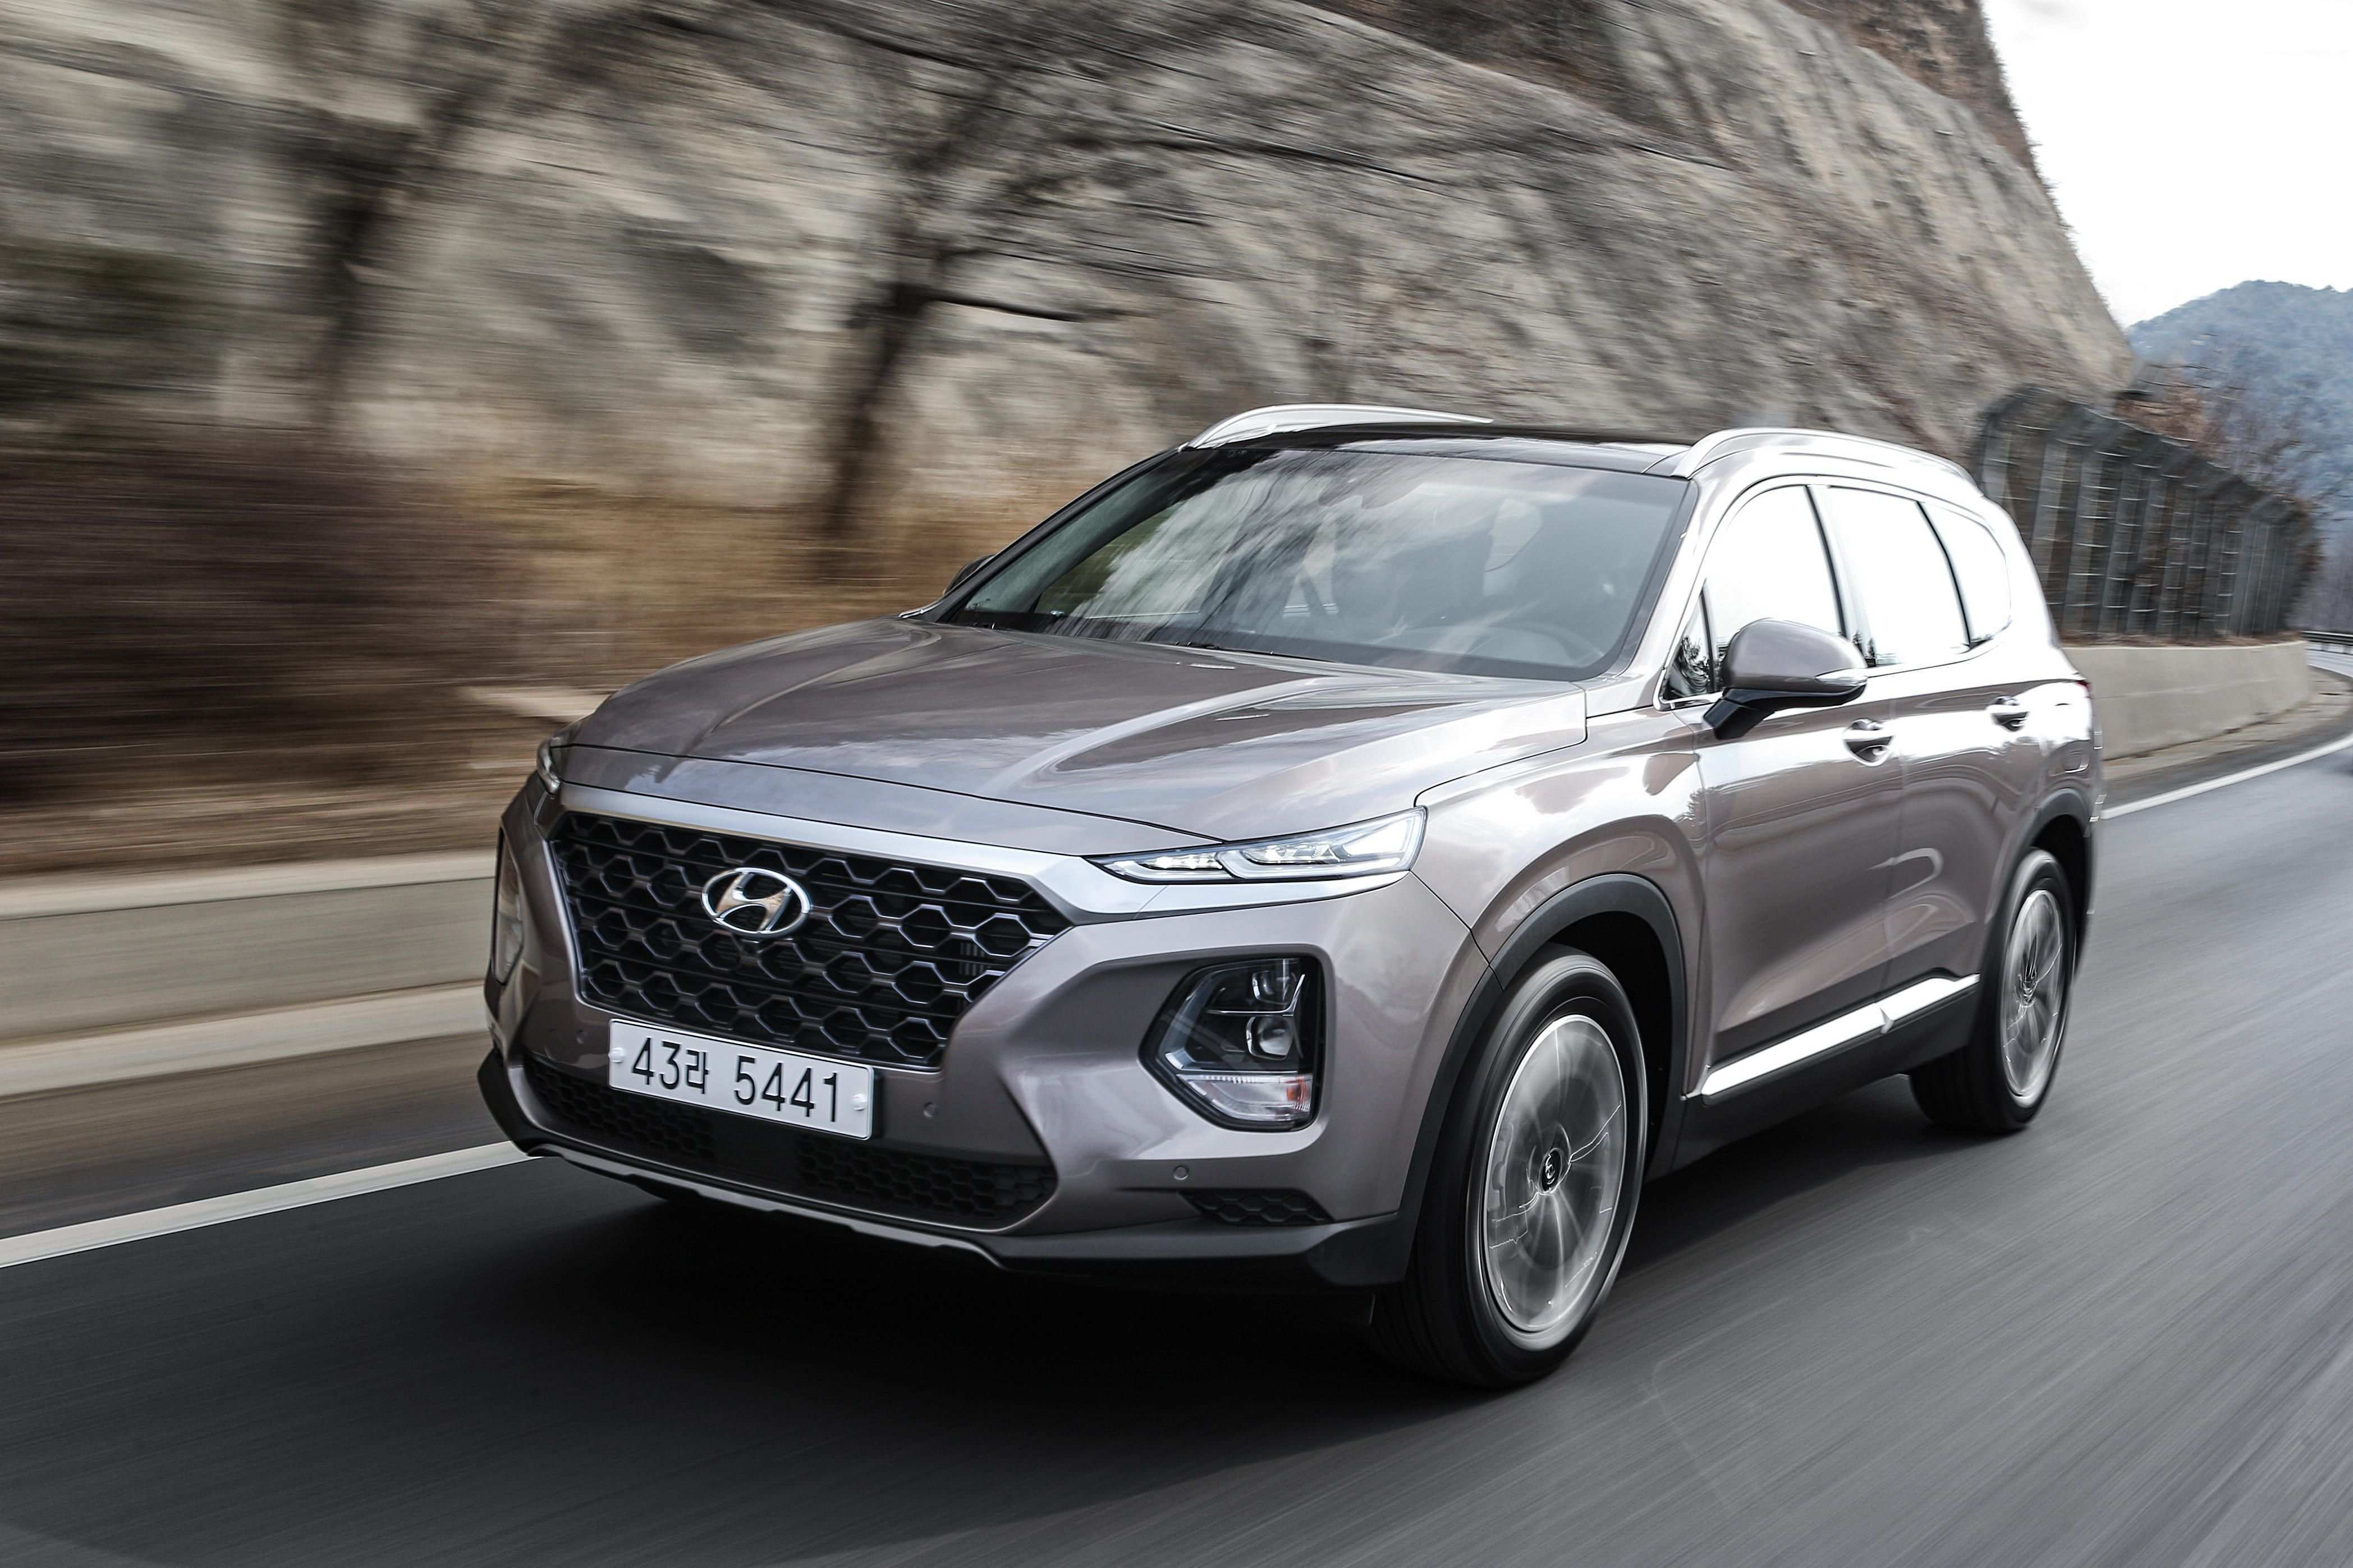 19 Great 2019 Hyundai Santa Fe Pickup Concept with 2019 Hyundai Santa Fe Pickup